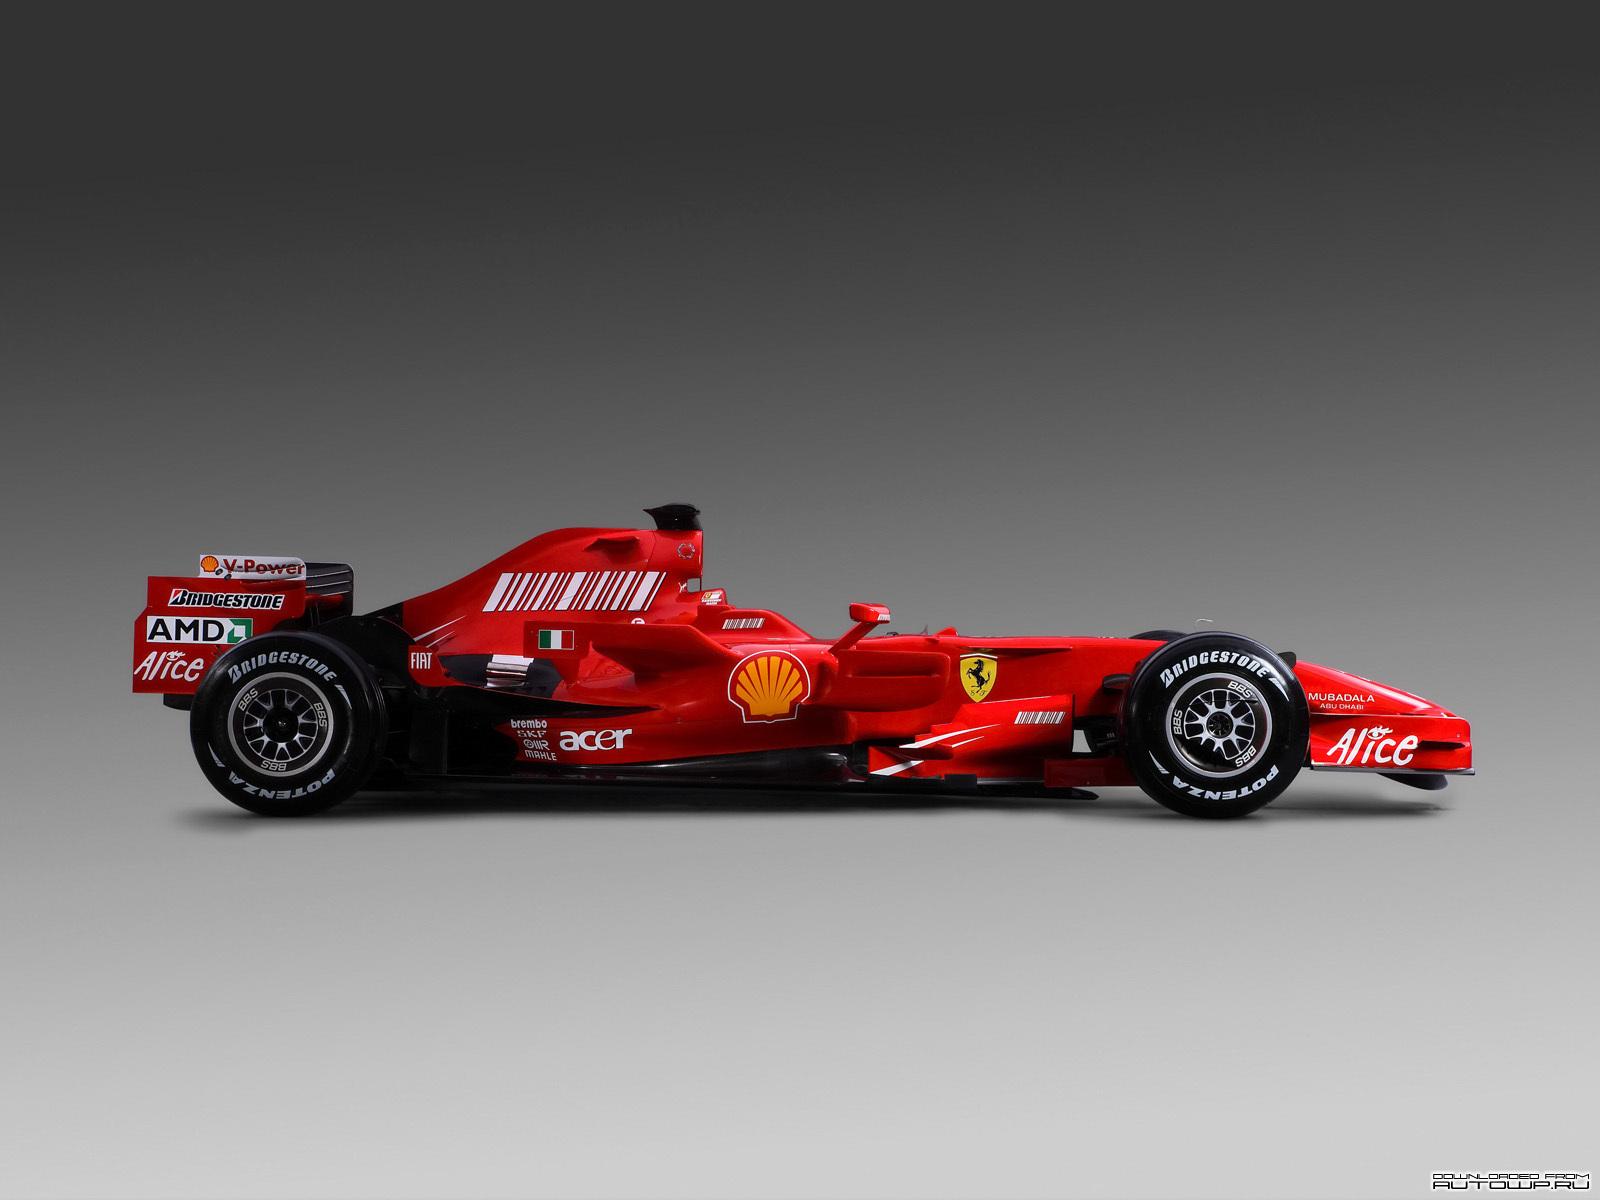 Болид, красная машина, фото, обои на рабочий стол